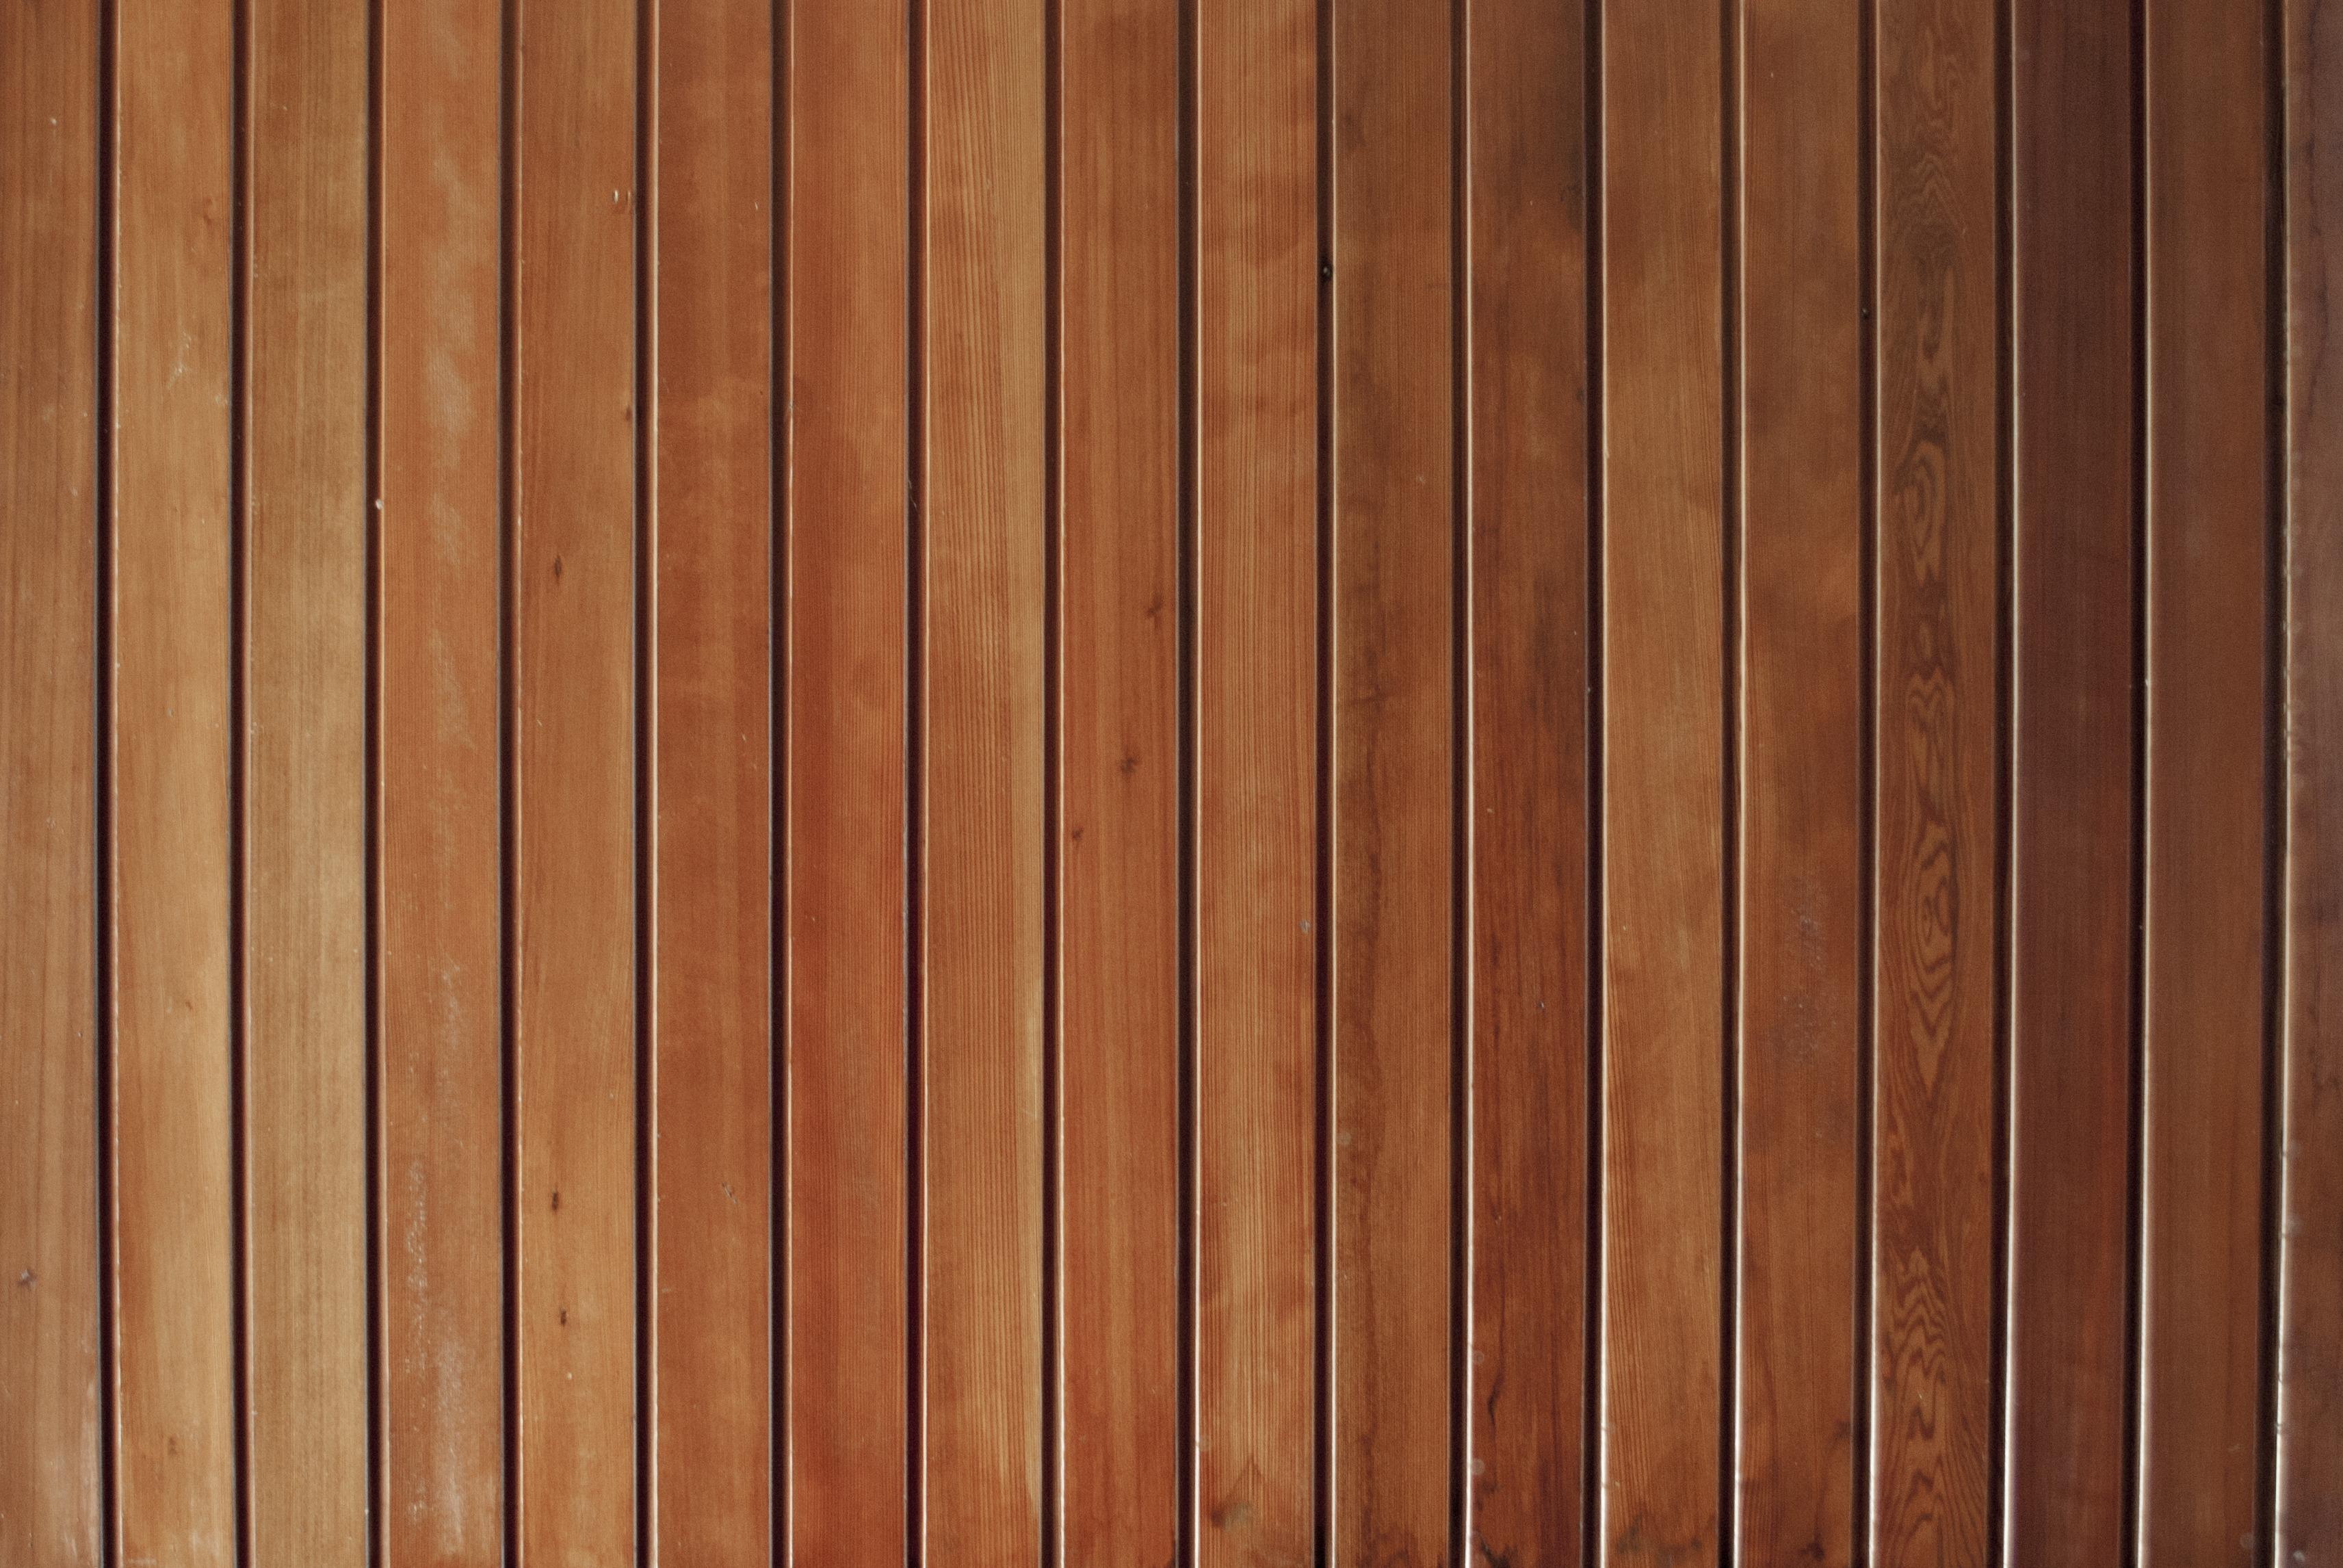 Free images fence texture floor line facade door for Bamboo flooring outdoor decking